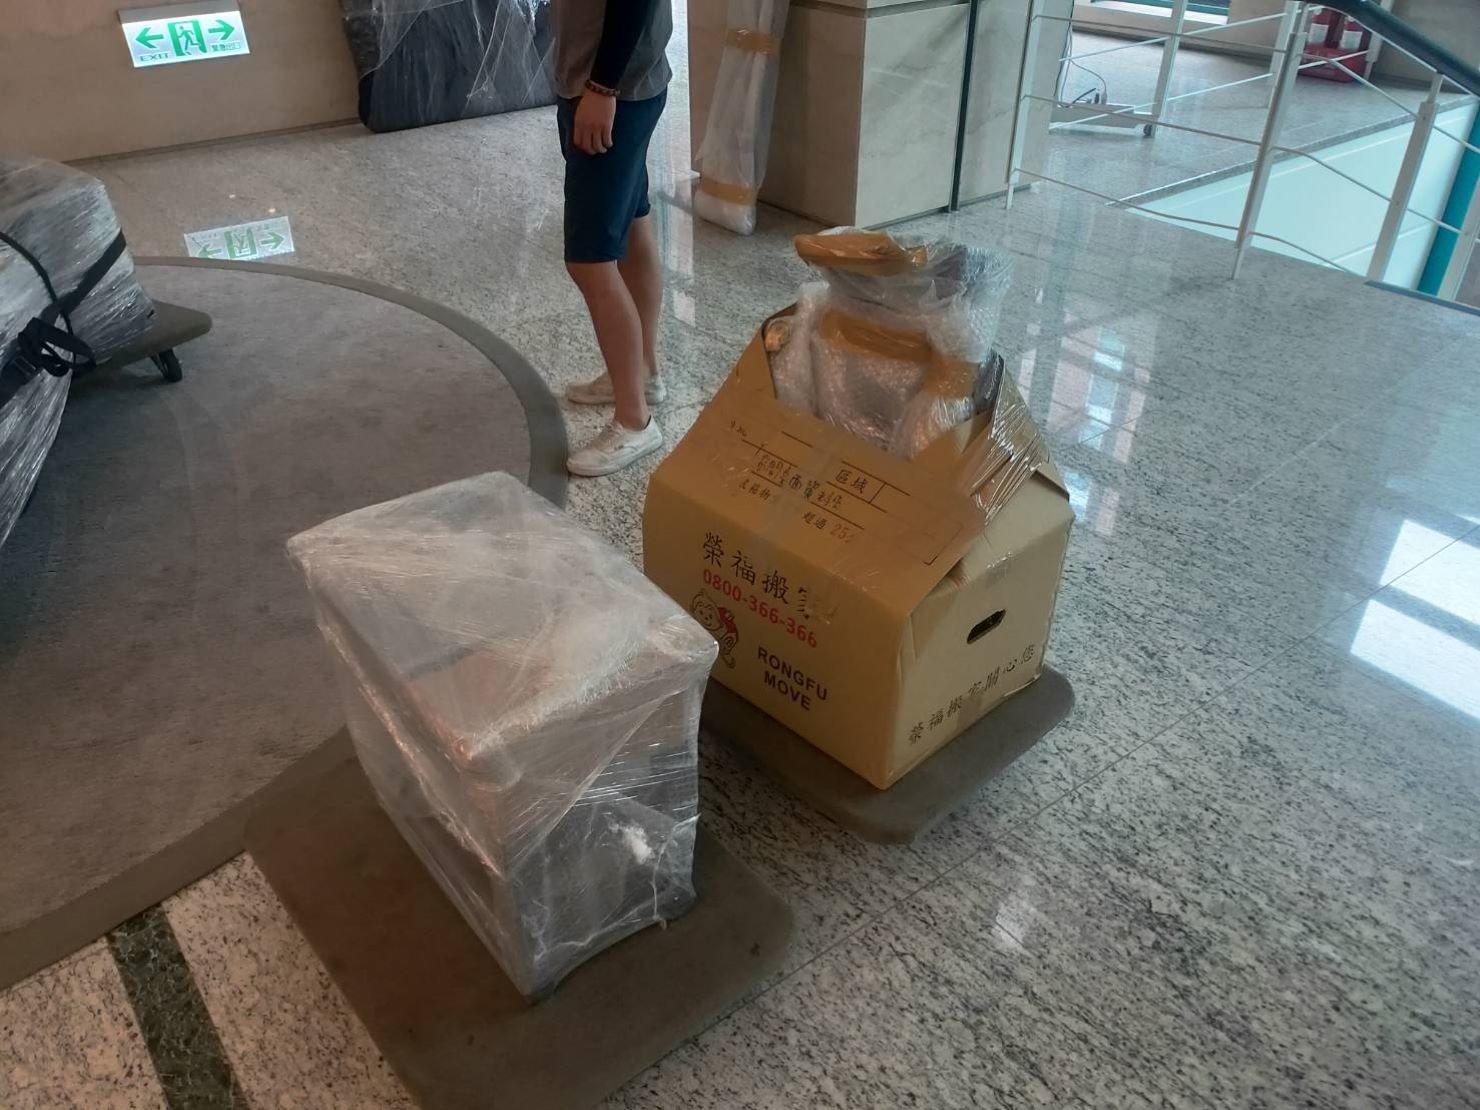 鋼琴搬運【榮福搬家公司】搬鋼琴、搬平台三角琴、口碑第一、台北搬家:三角琴、平台式鋼琴琴凳以氣泡捲來做包裝防護。